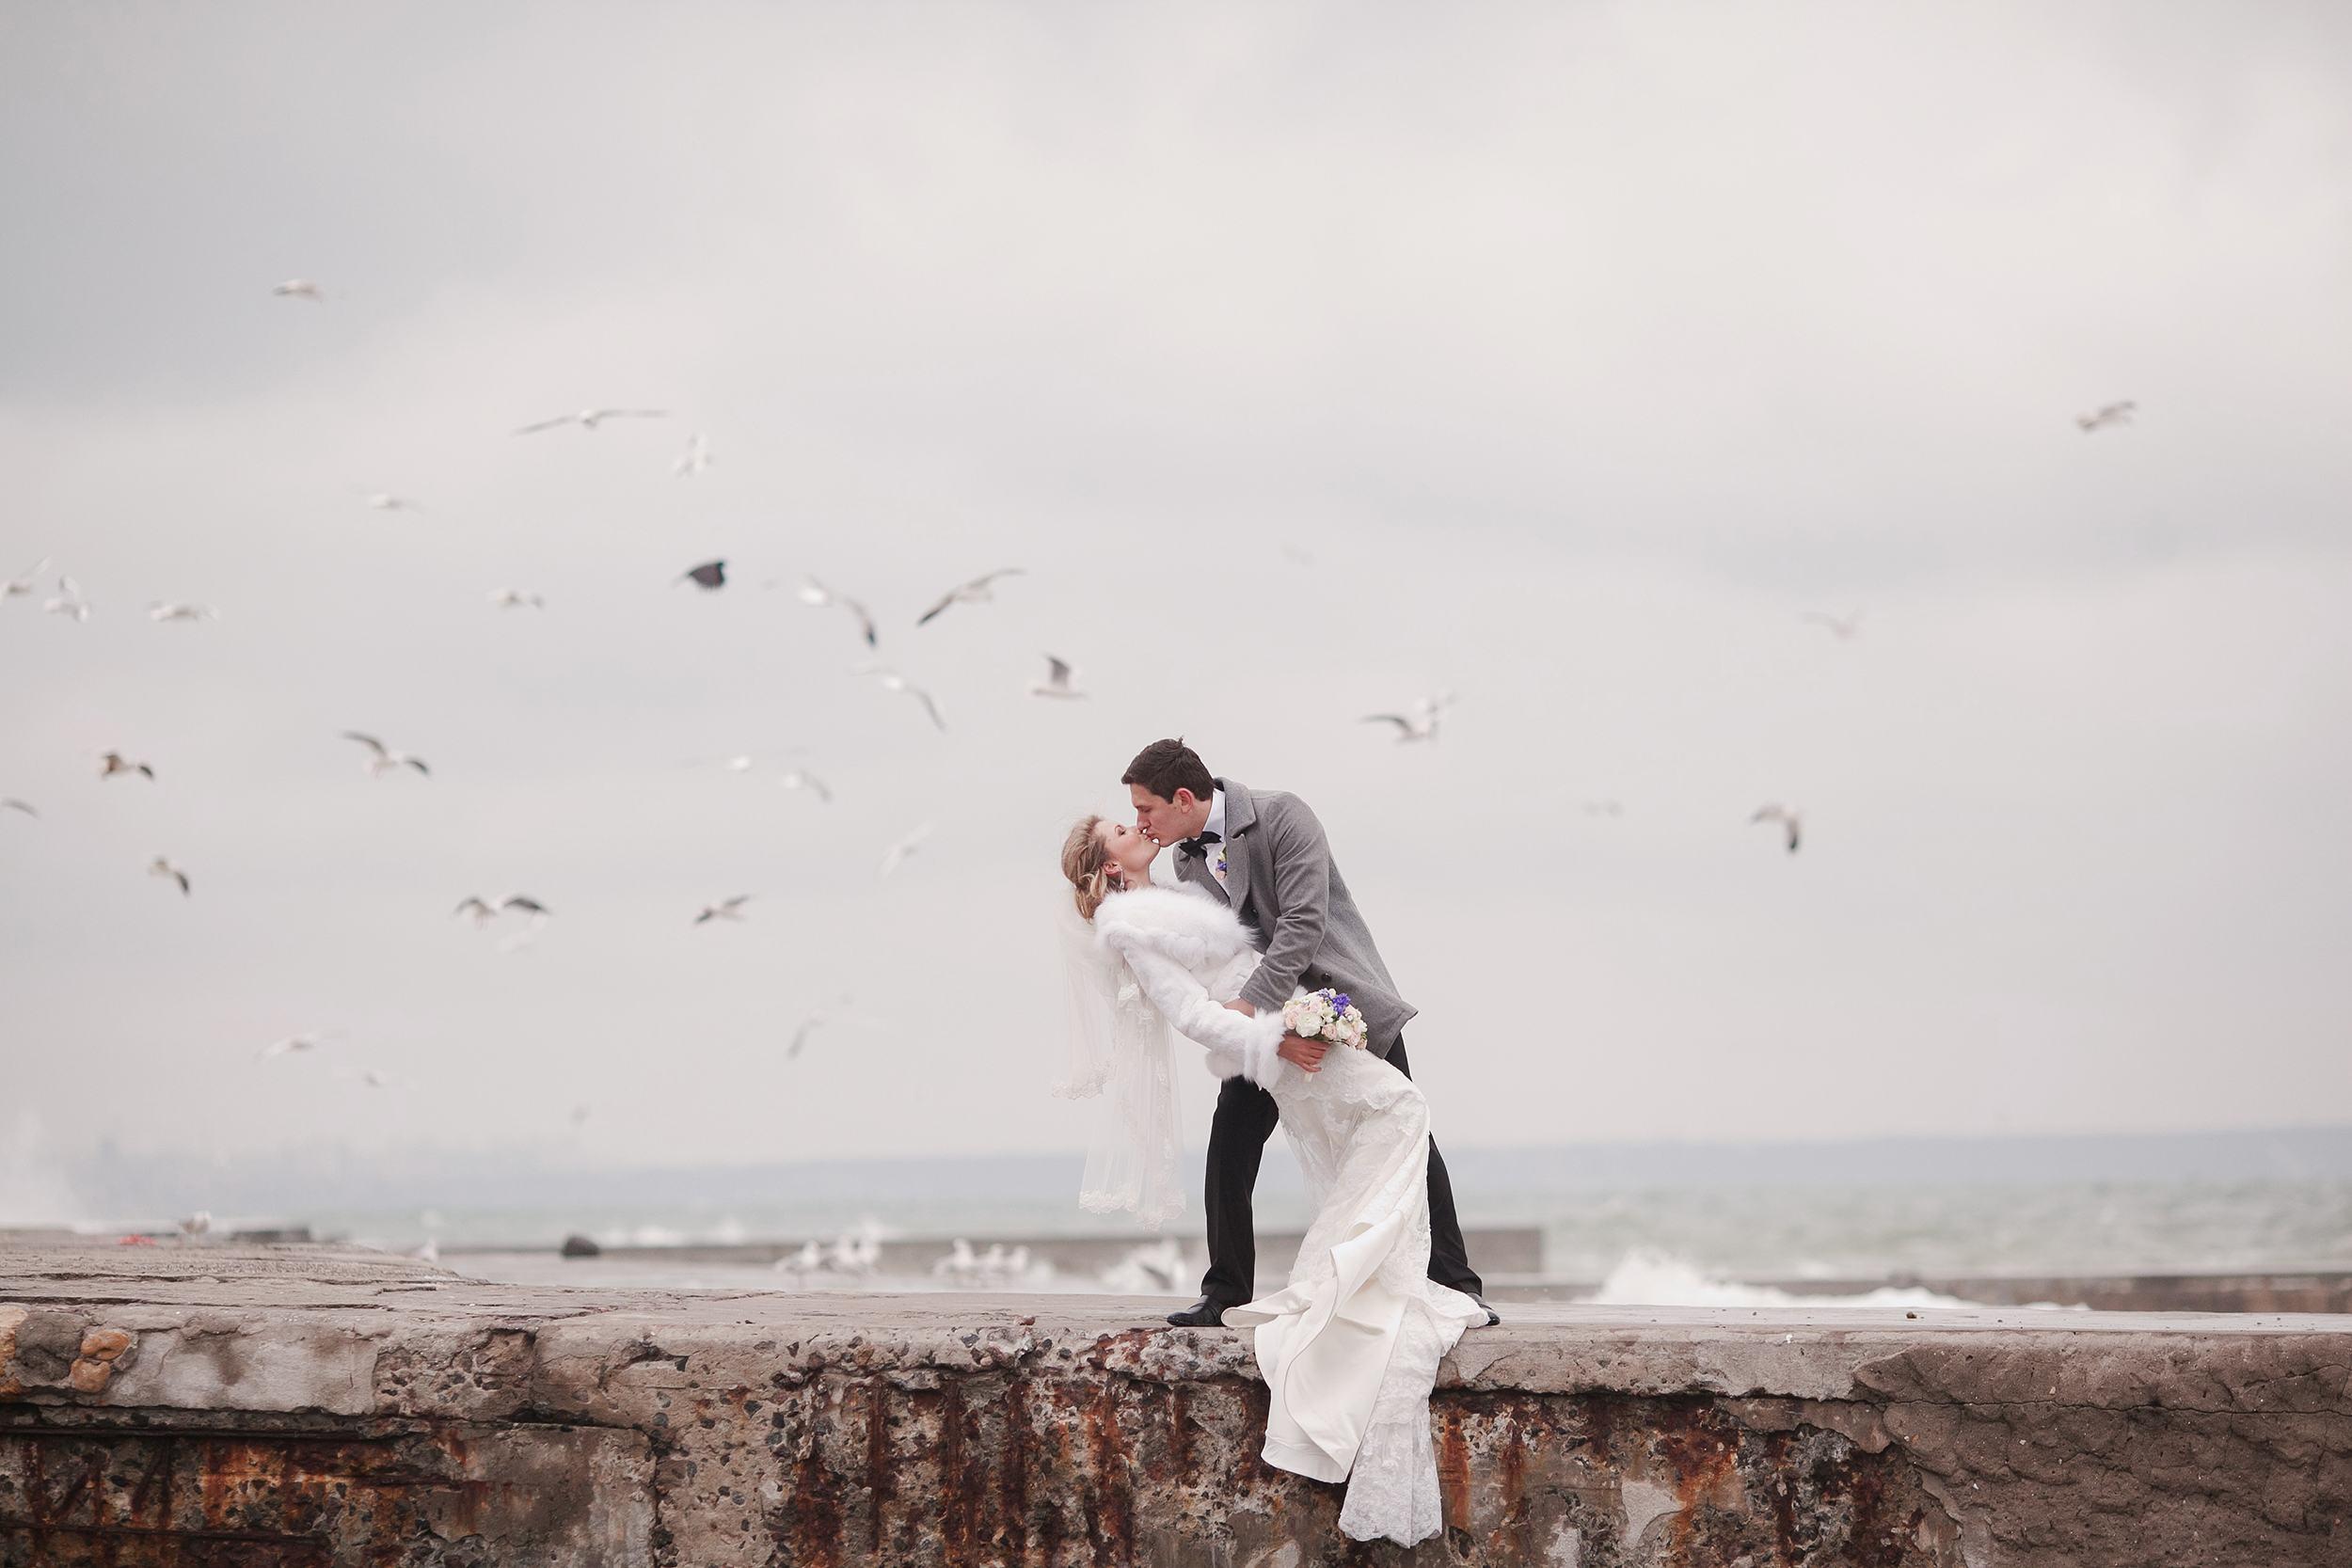 Casar no inverno - em Floripa - é uma boa ideia!